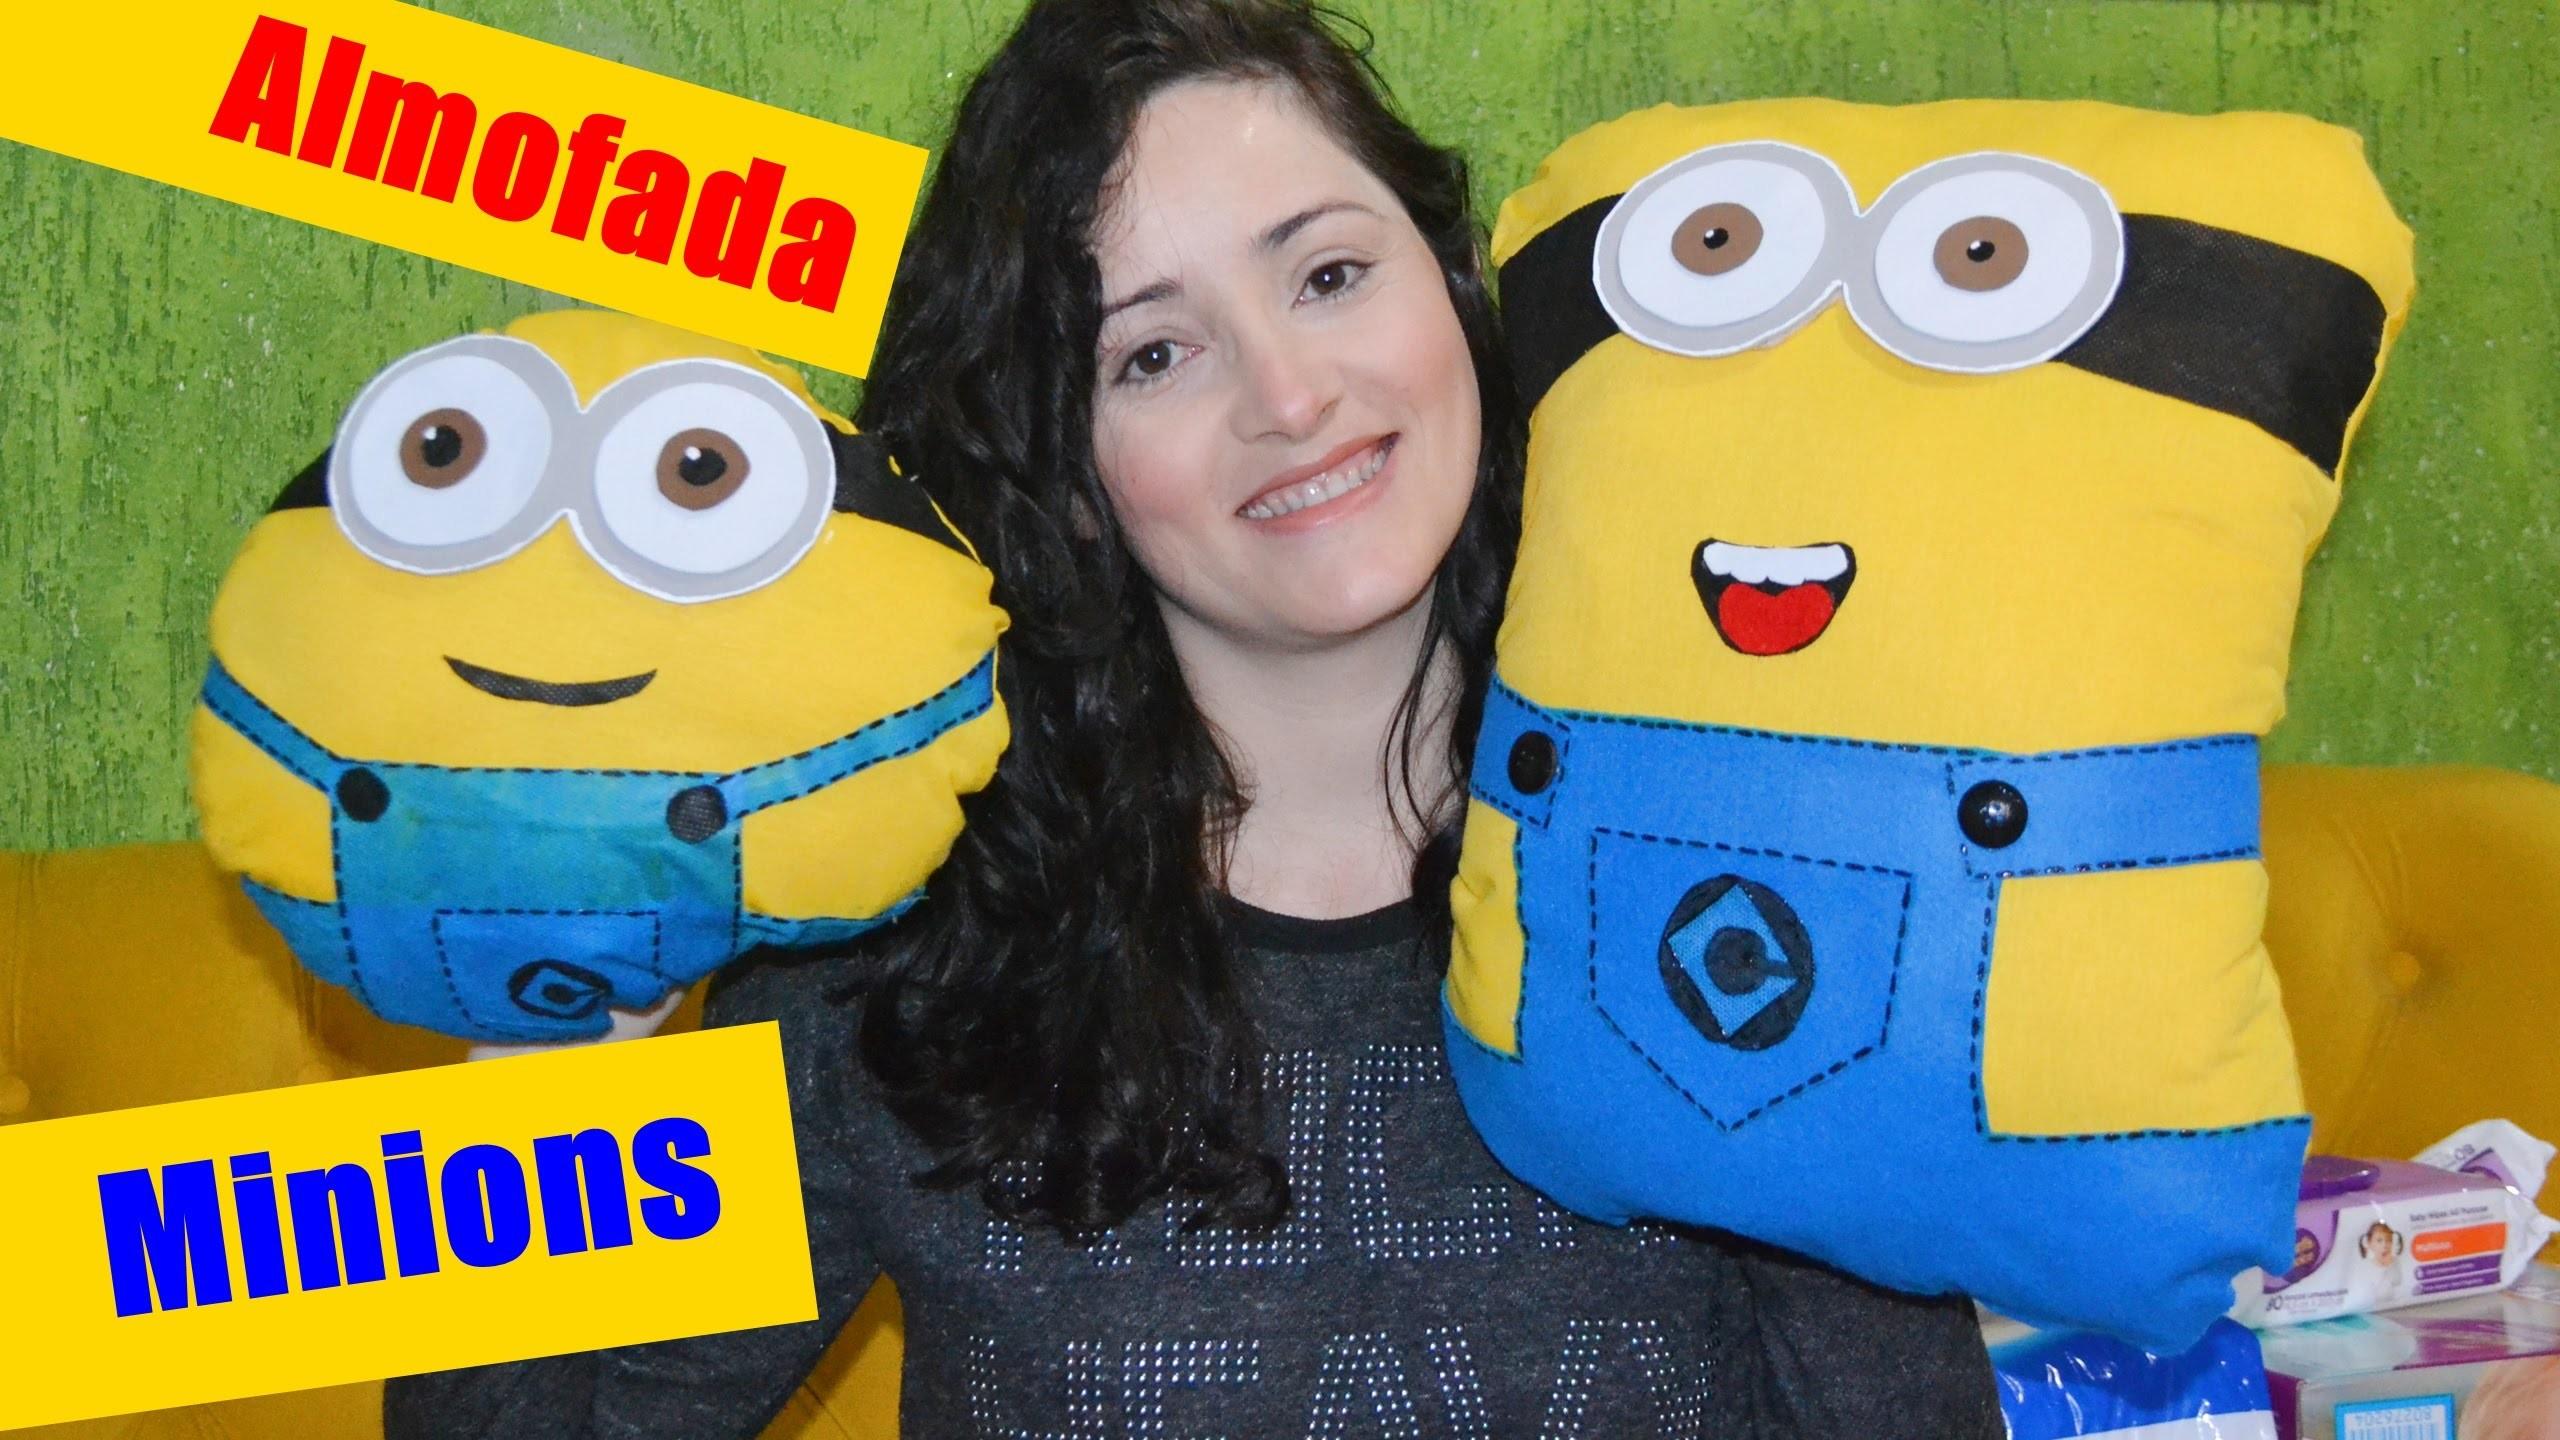 Almofada de Minions. DIY Dia das Crianças I Ana Gigoski